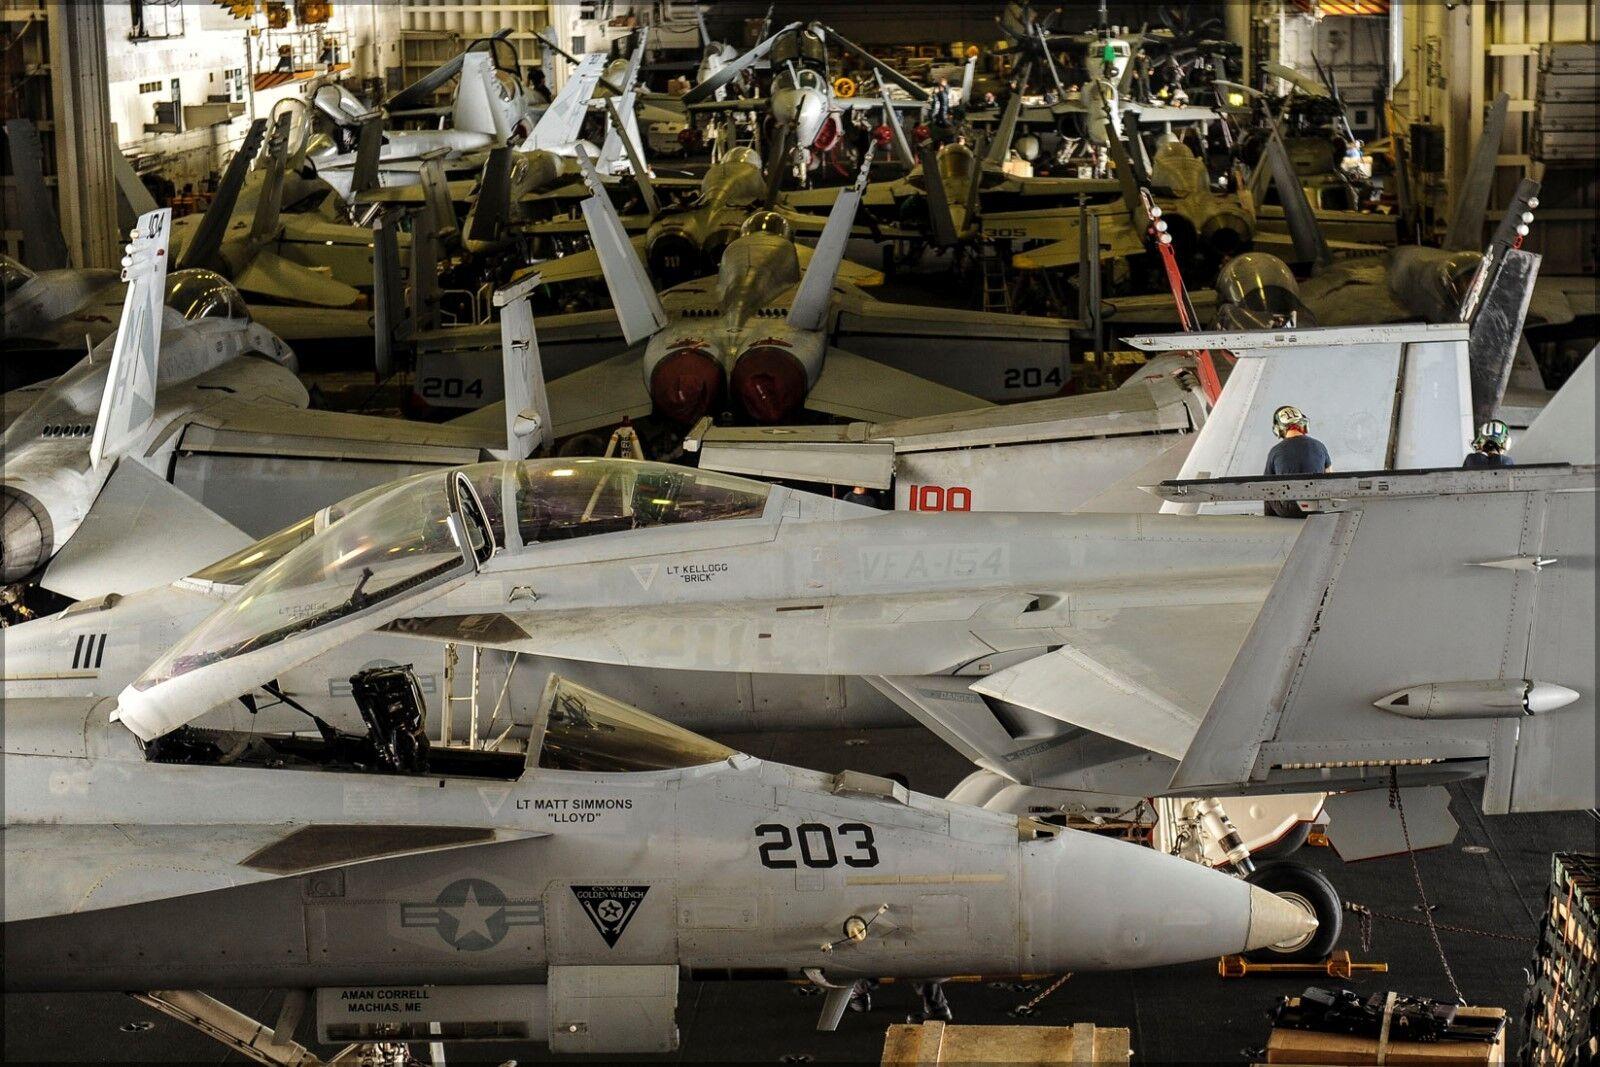 Poster, Many Größes; F-18 Super Hornets In Hangar Bay Uss Nimitz (Cvn-68)